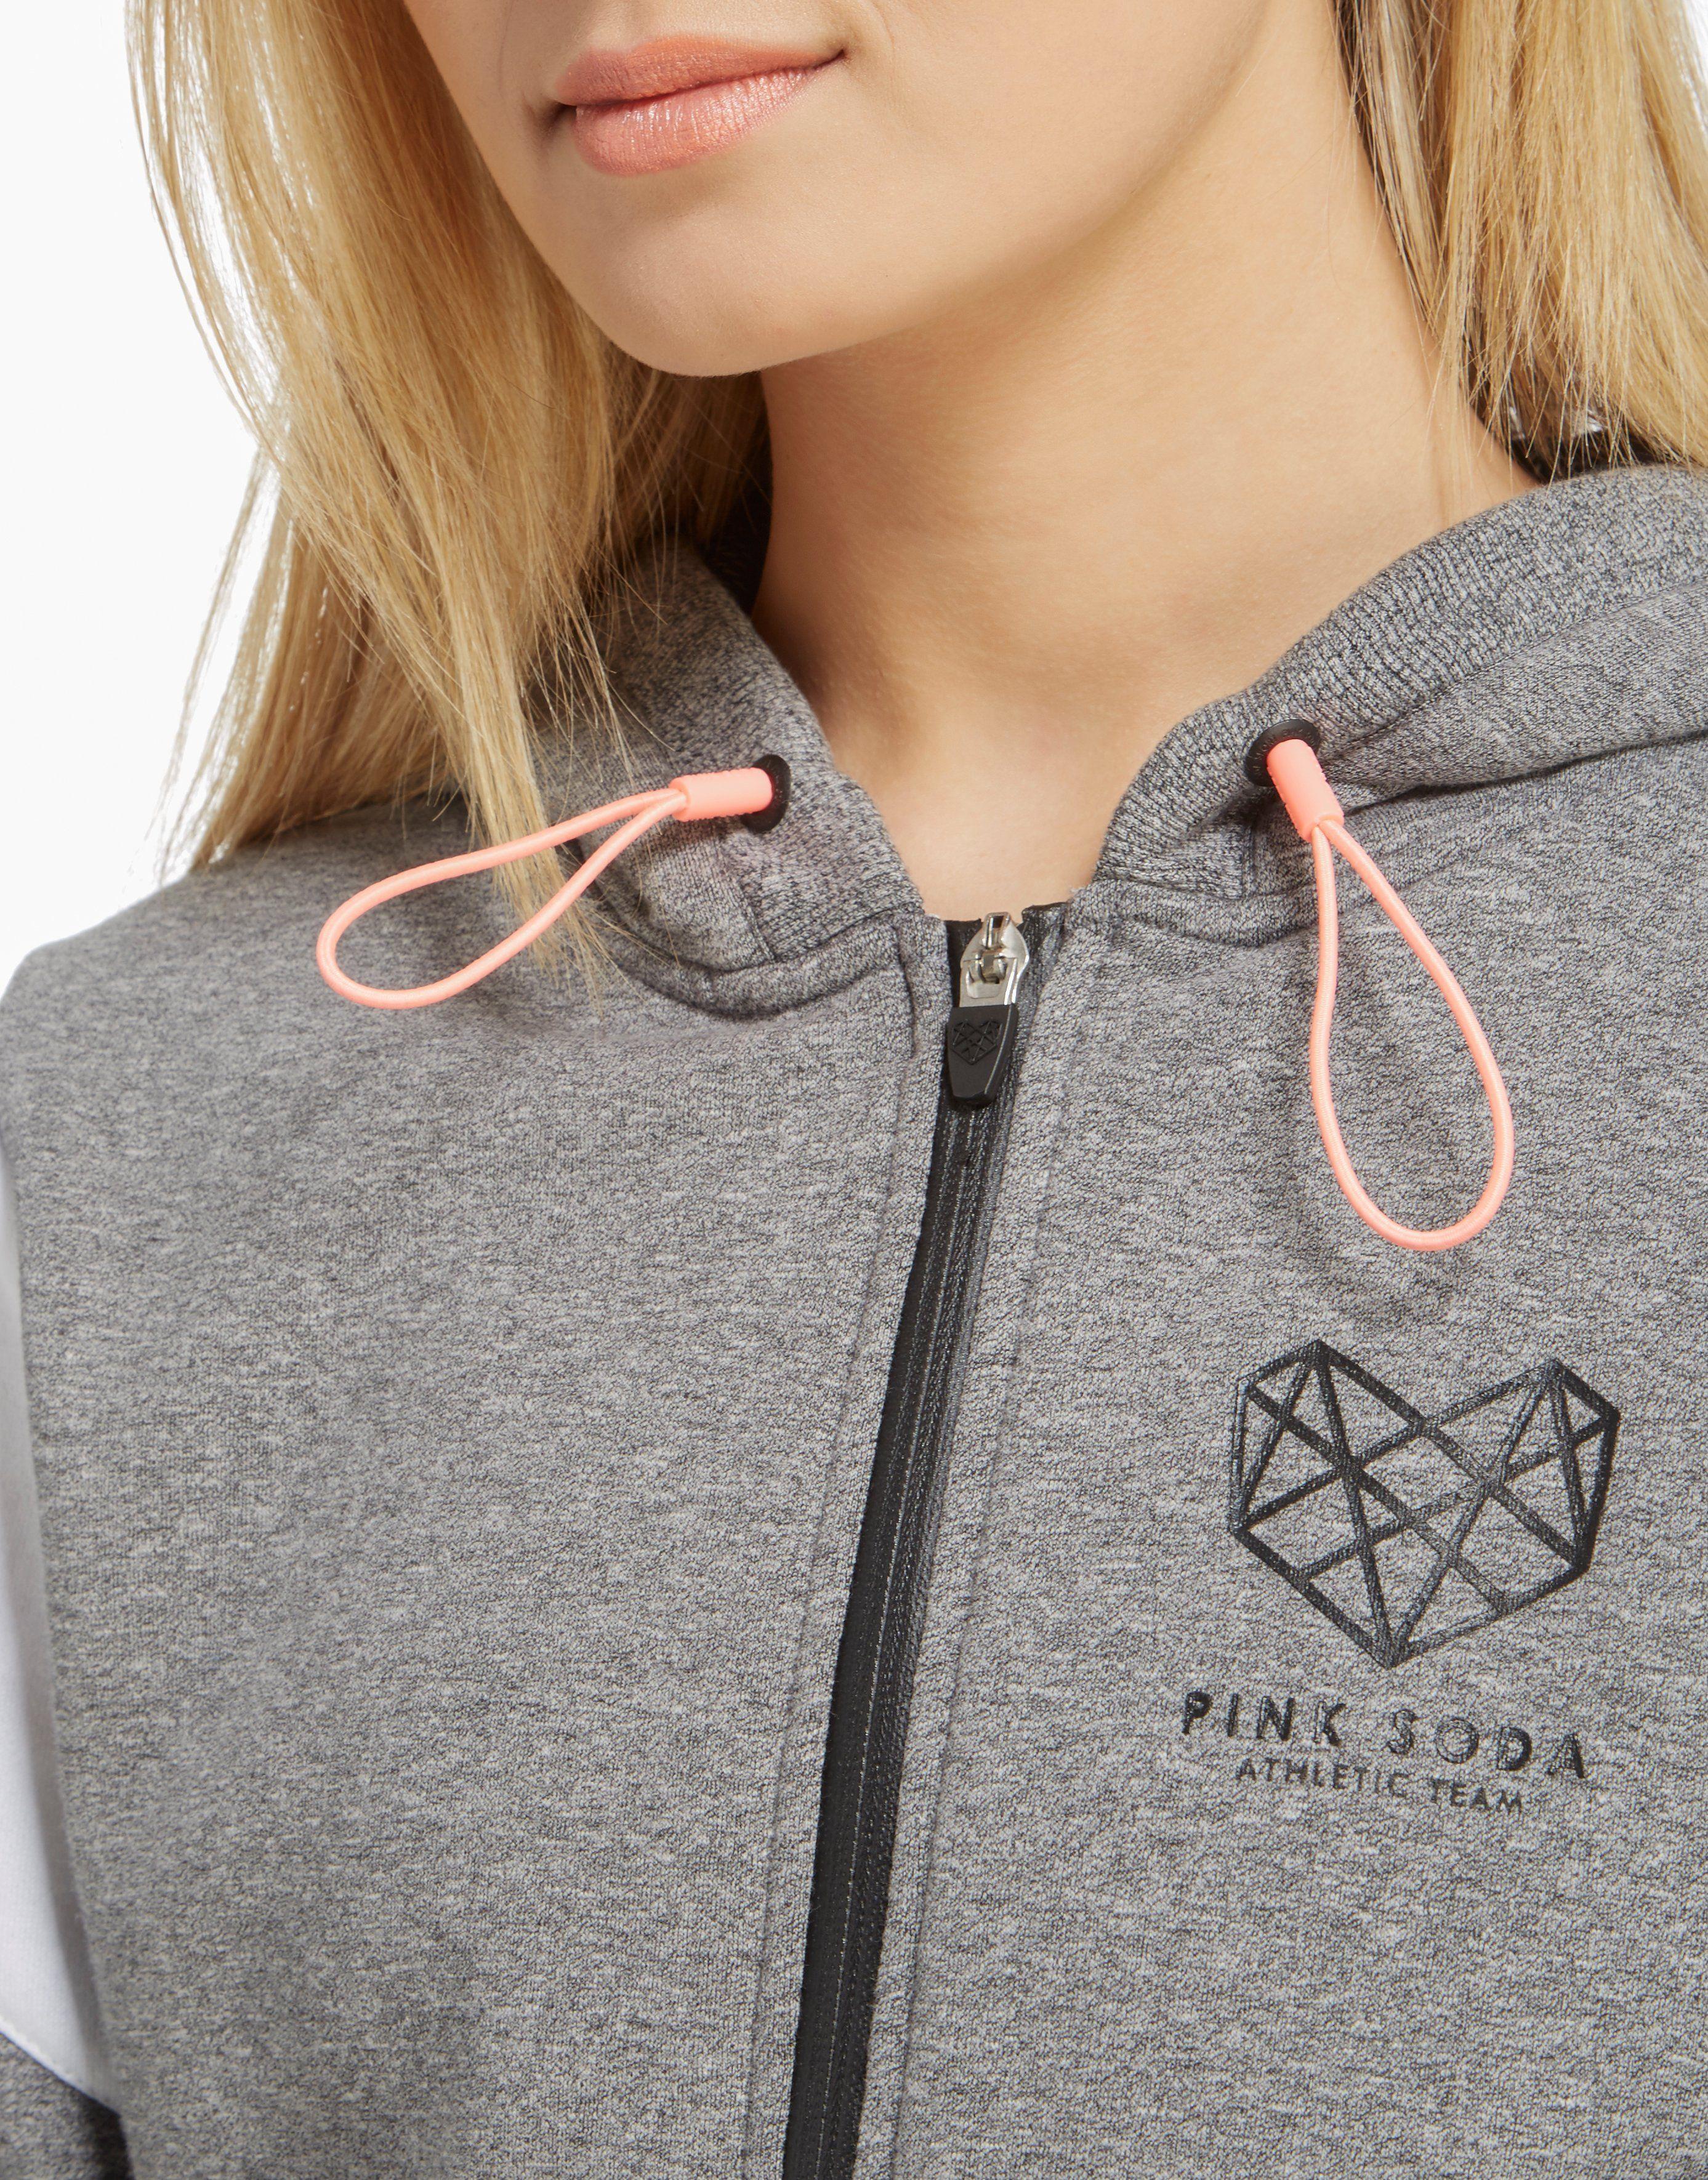 Pink Soda Sport Panel Zip Through Hoody